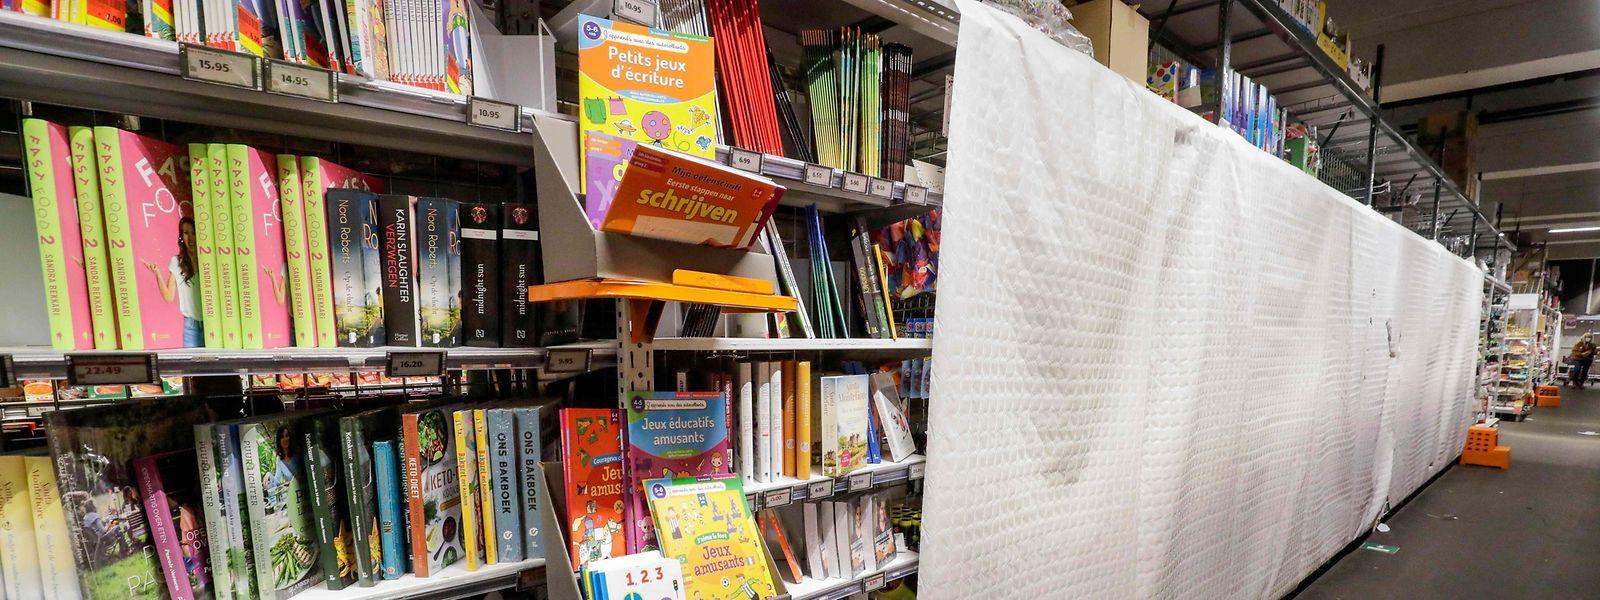 La Belgique a gardé ses librairies ouvertes contrairement à ce qui s'était passé durant le premier confinement.